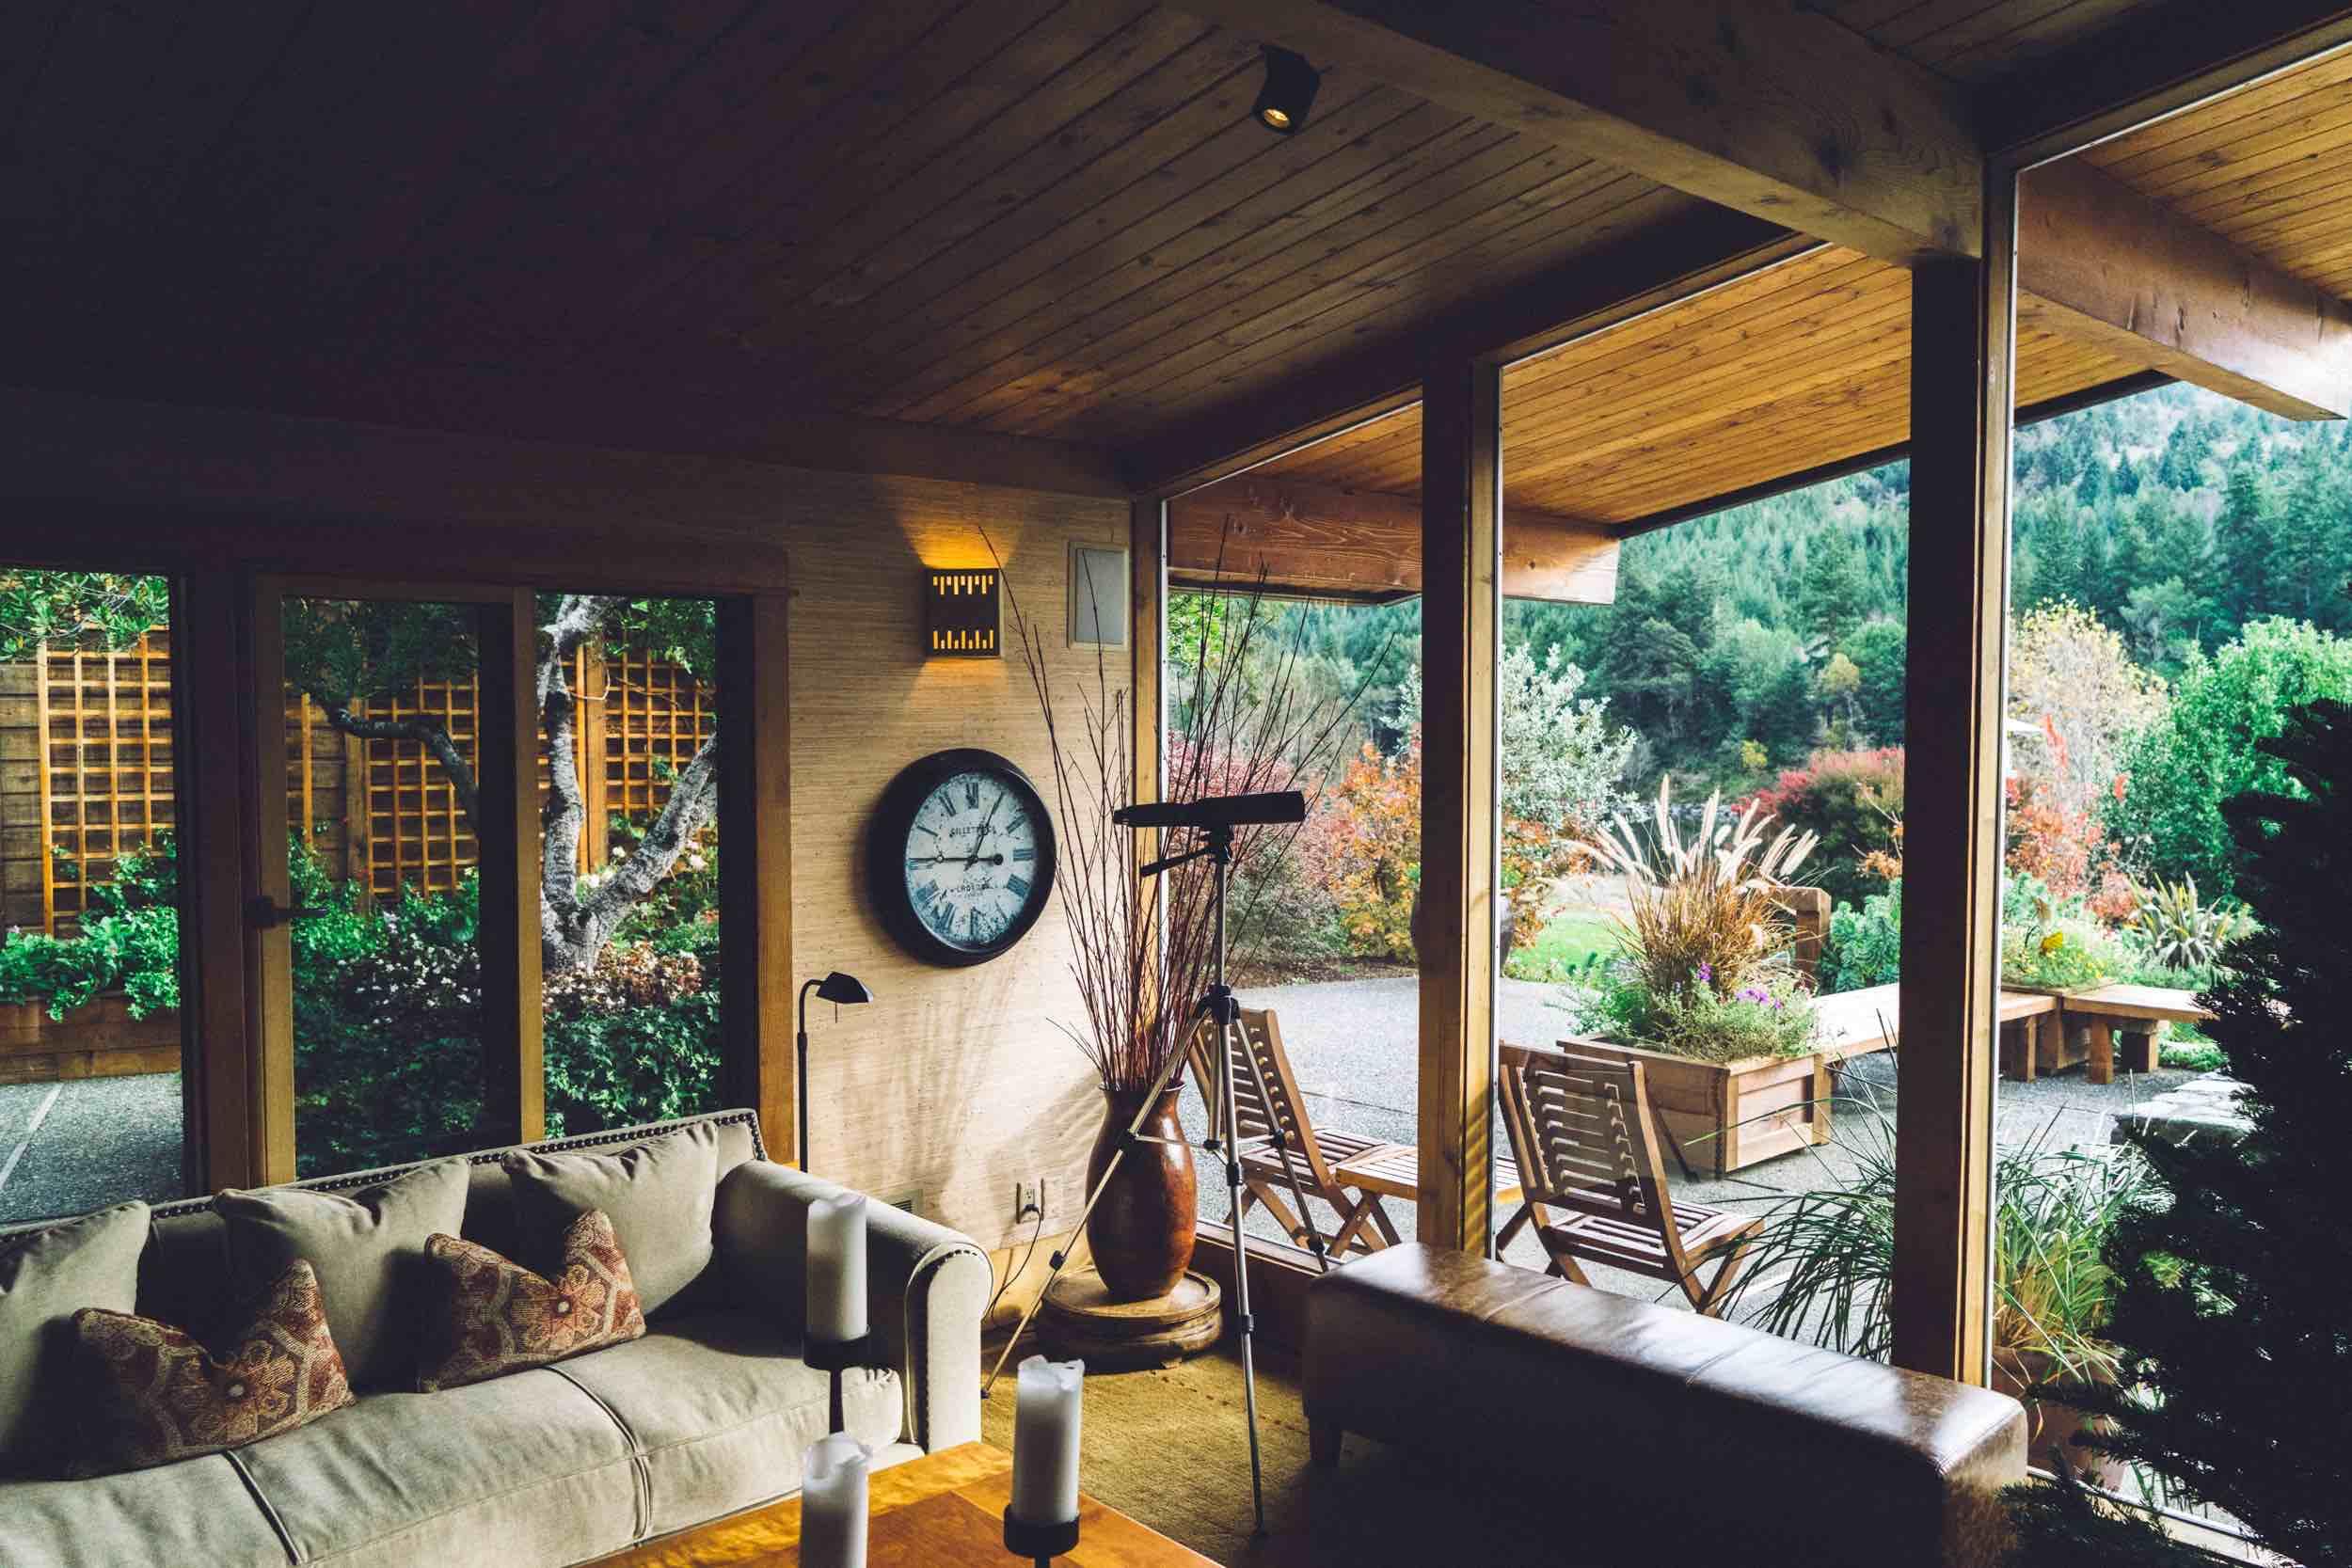 Générer un revenu complémentaire grâce à l'immobilier